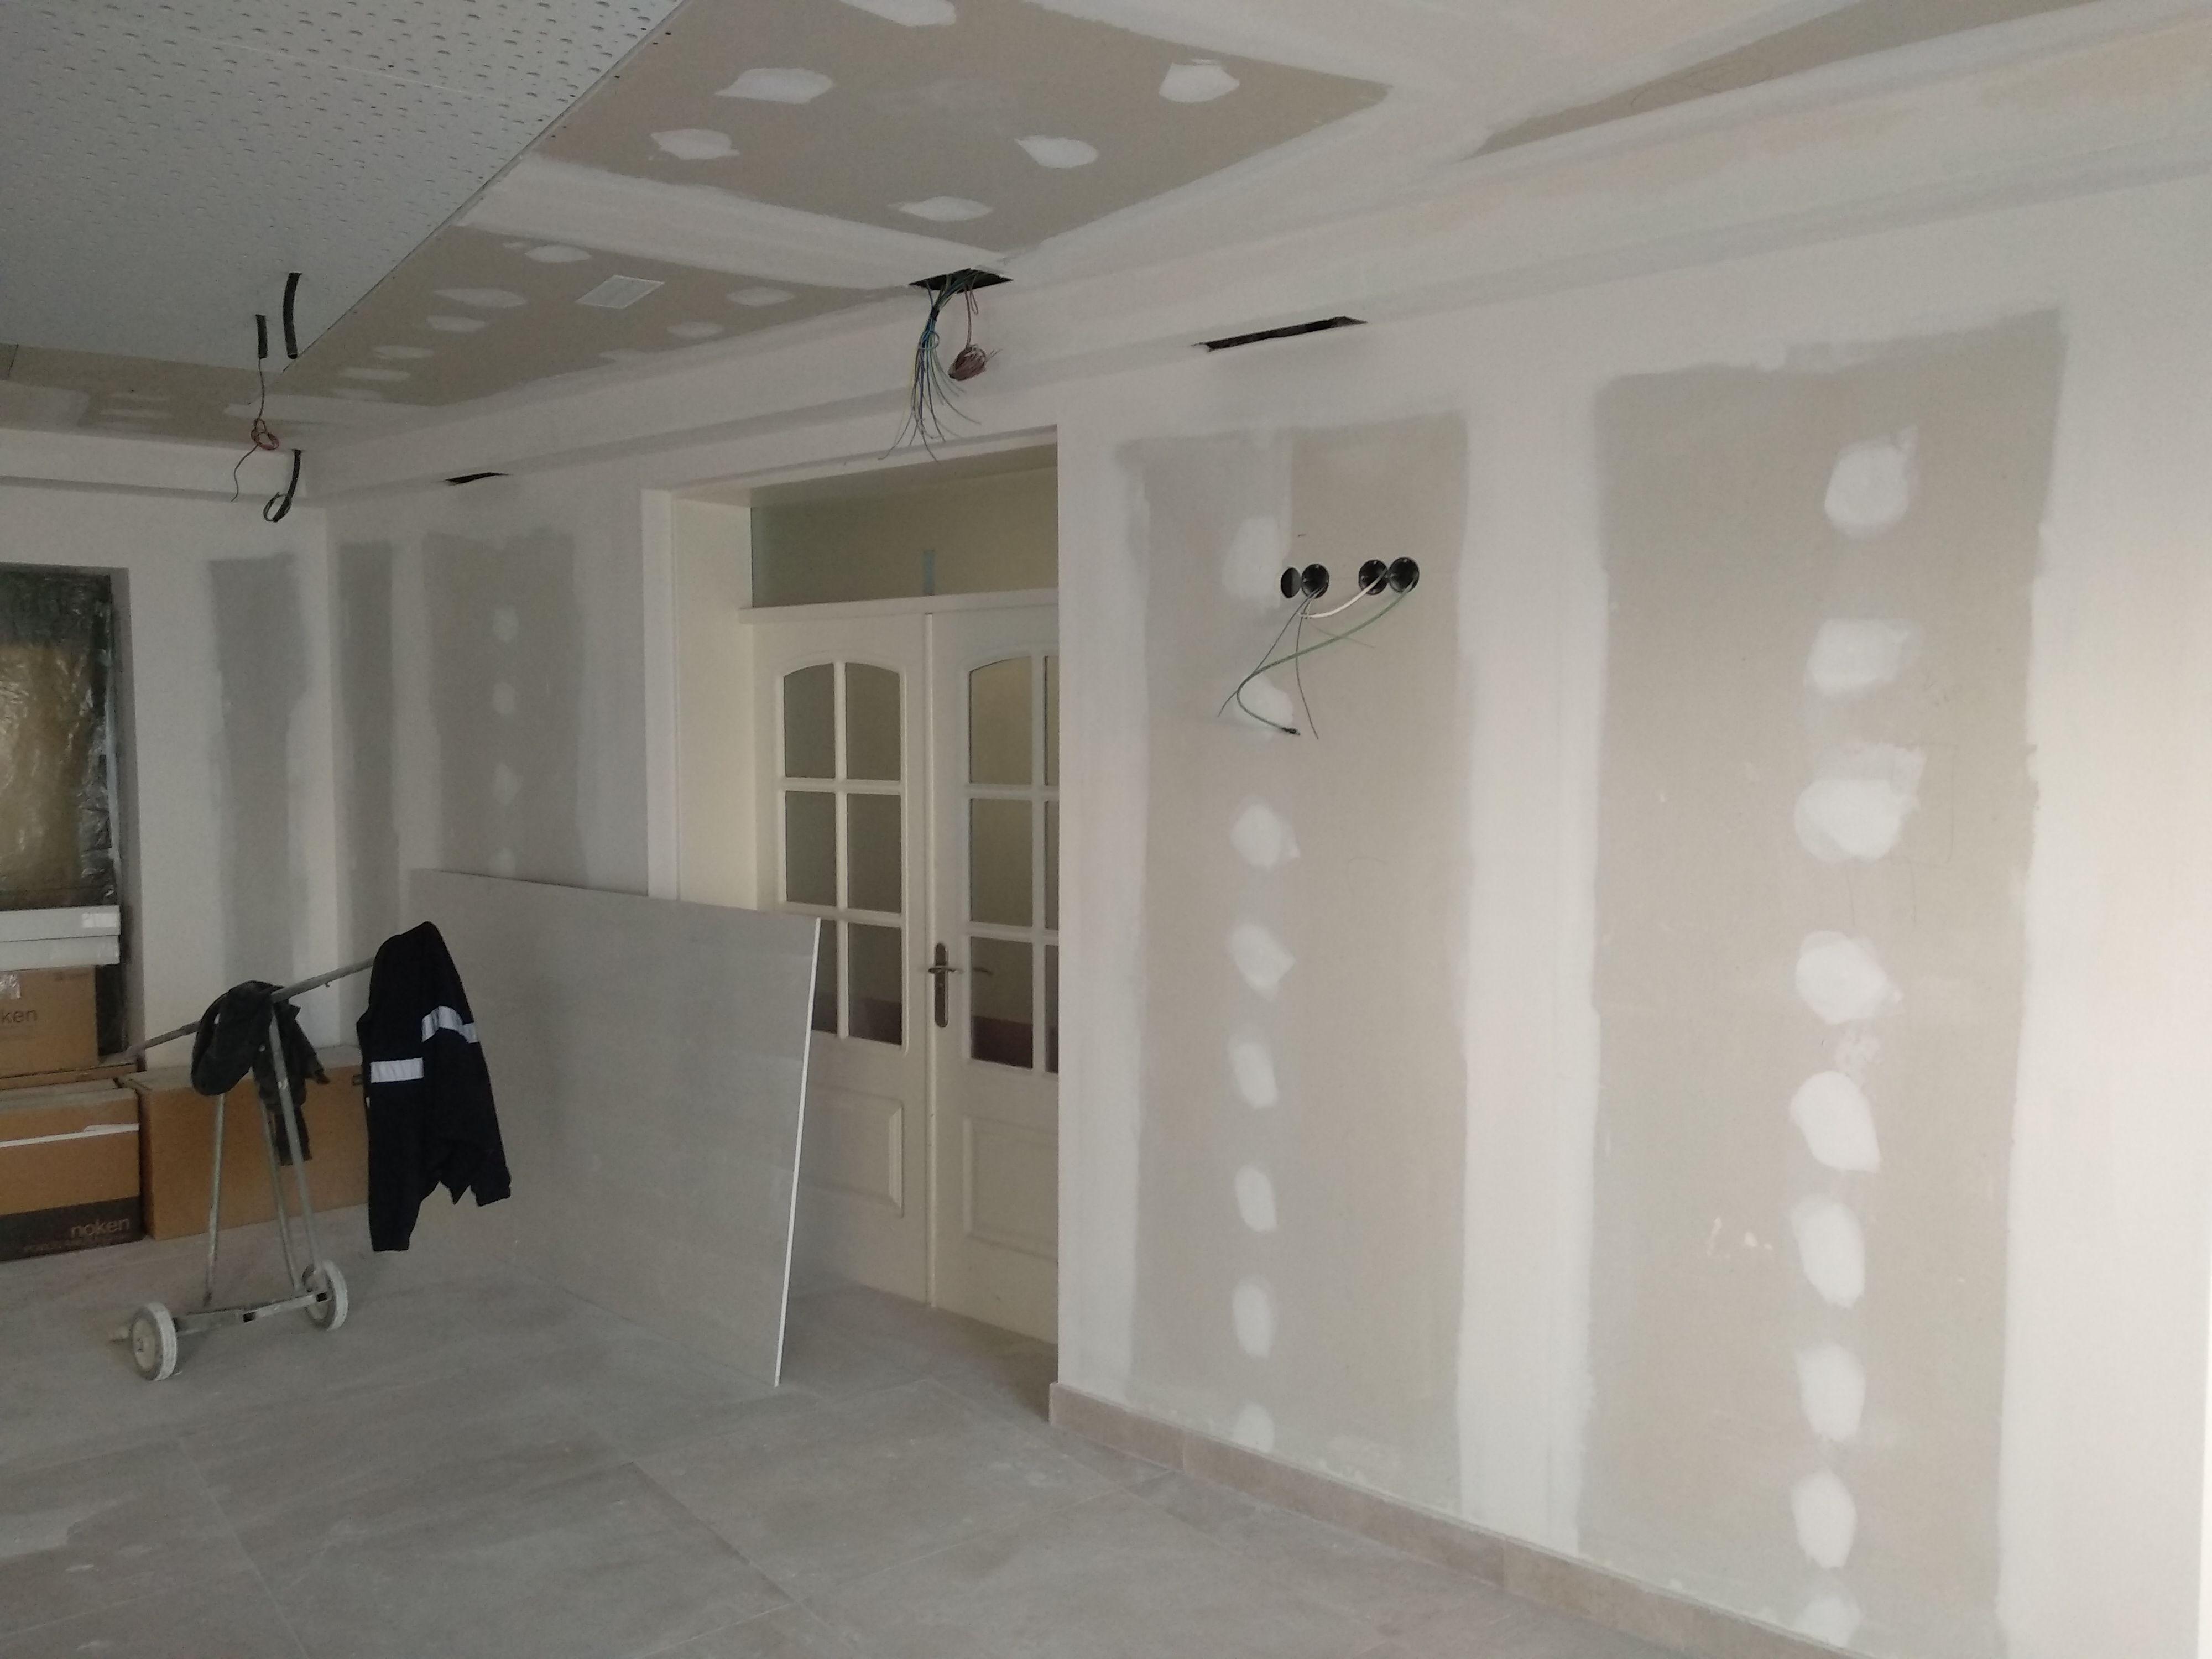 Picture 30 of Aislamientos acústicos y térmicos in Almería | Acoustic Drywall